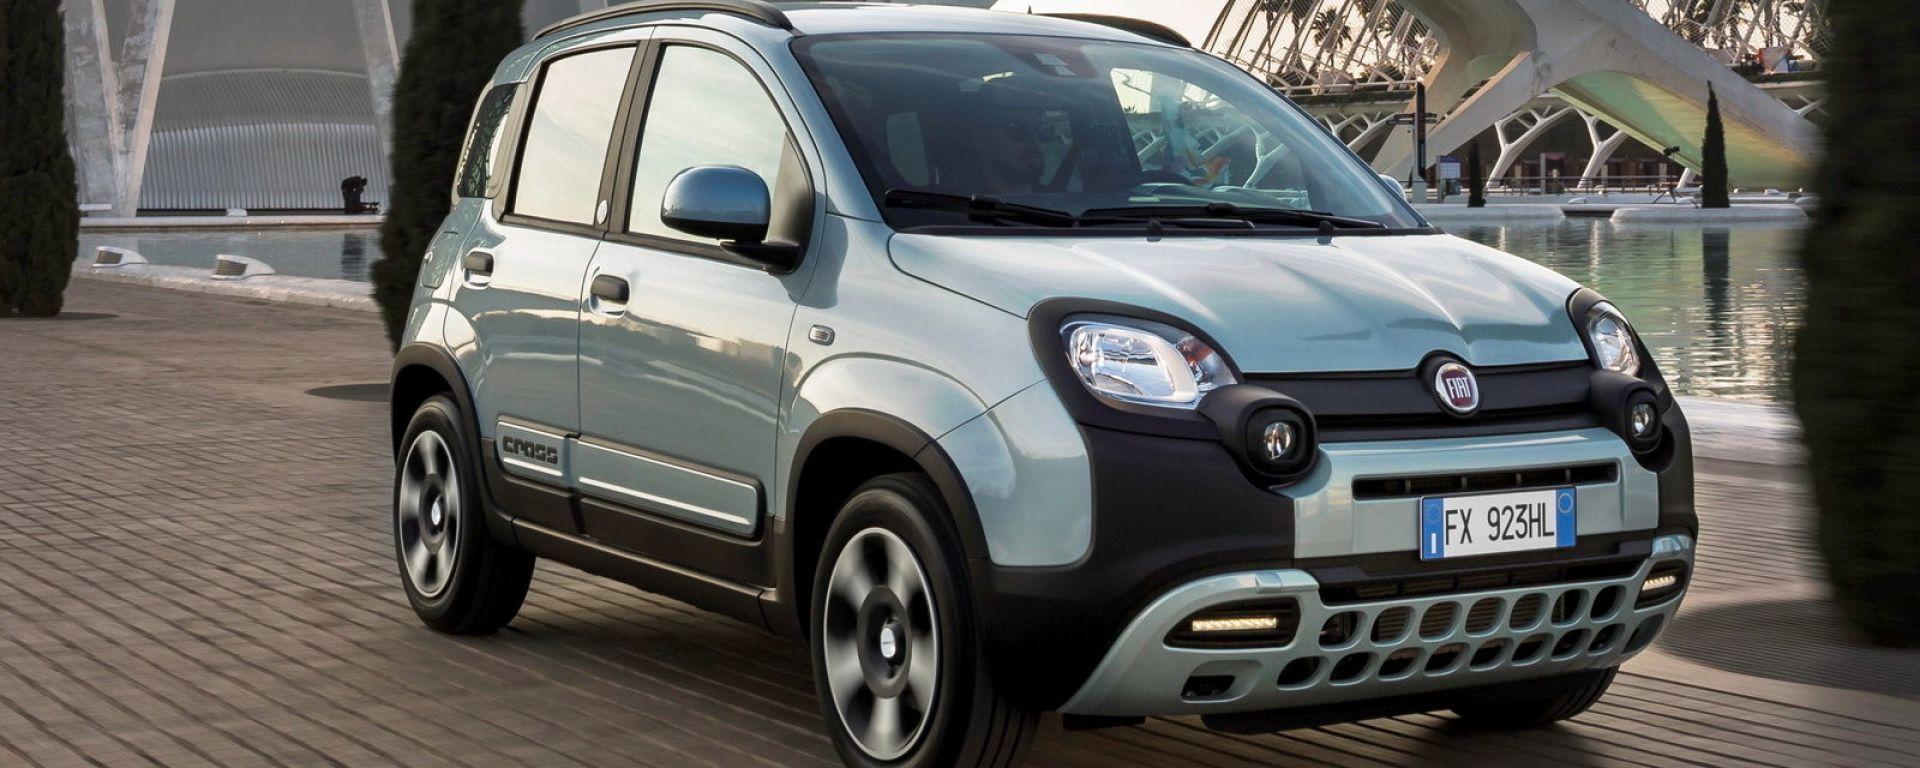 Nuova Fiat Panda Hybrid: l'elettrificazione democratica del Gruppo FCA